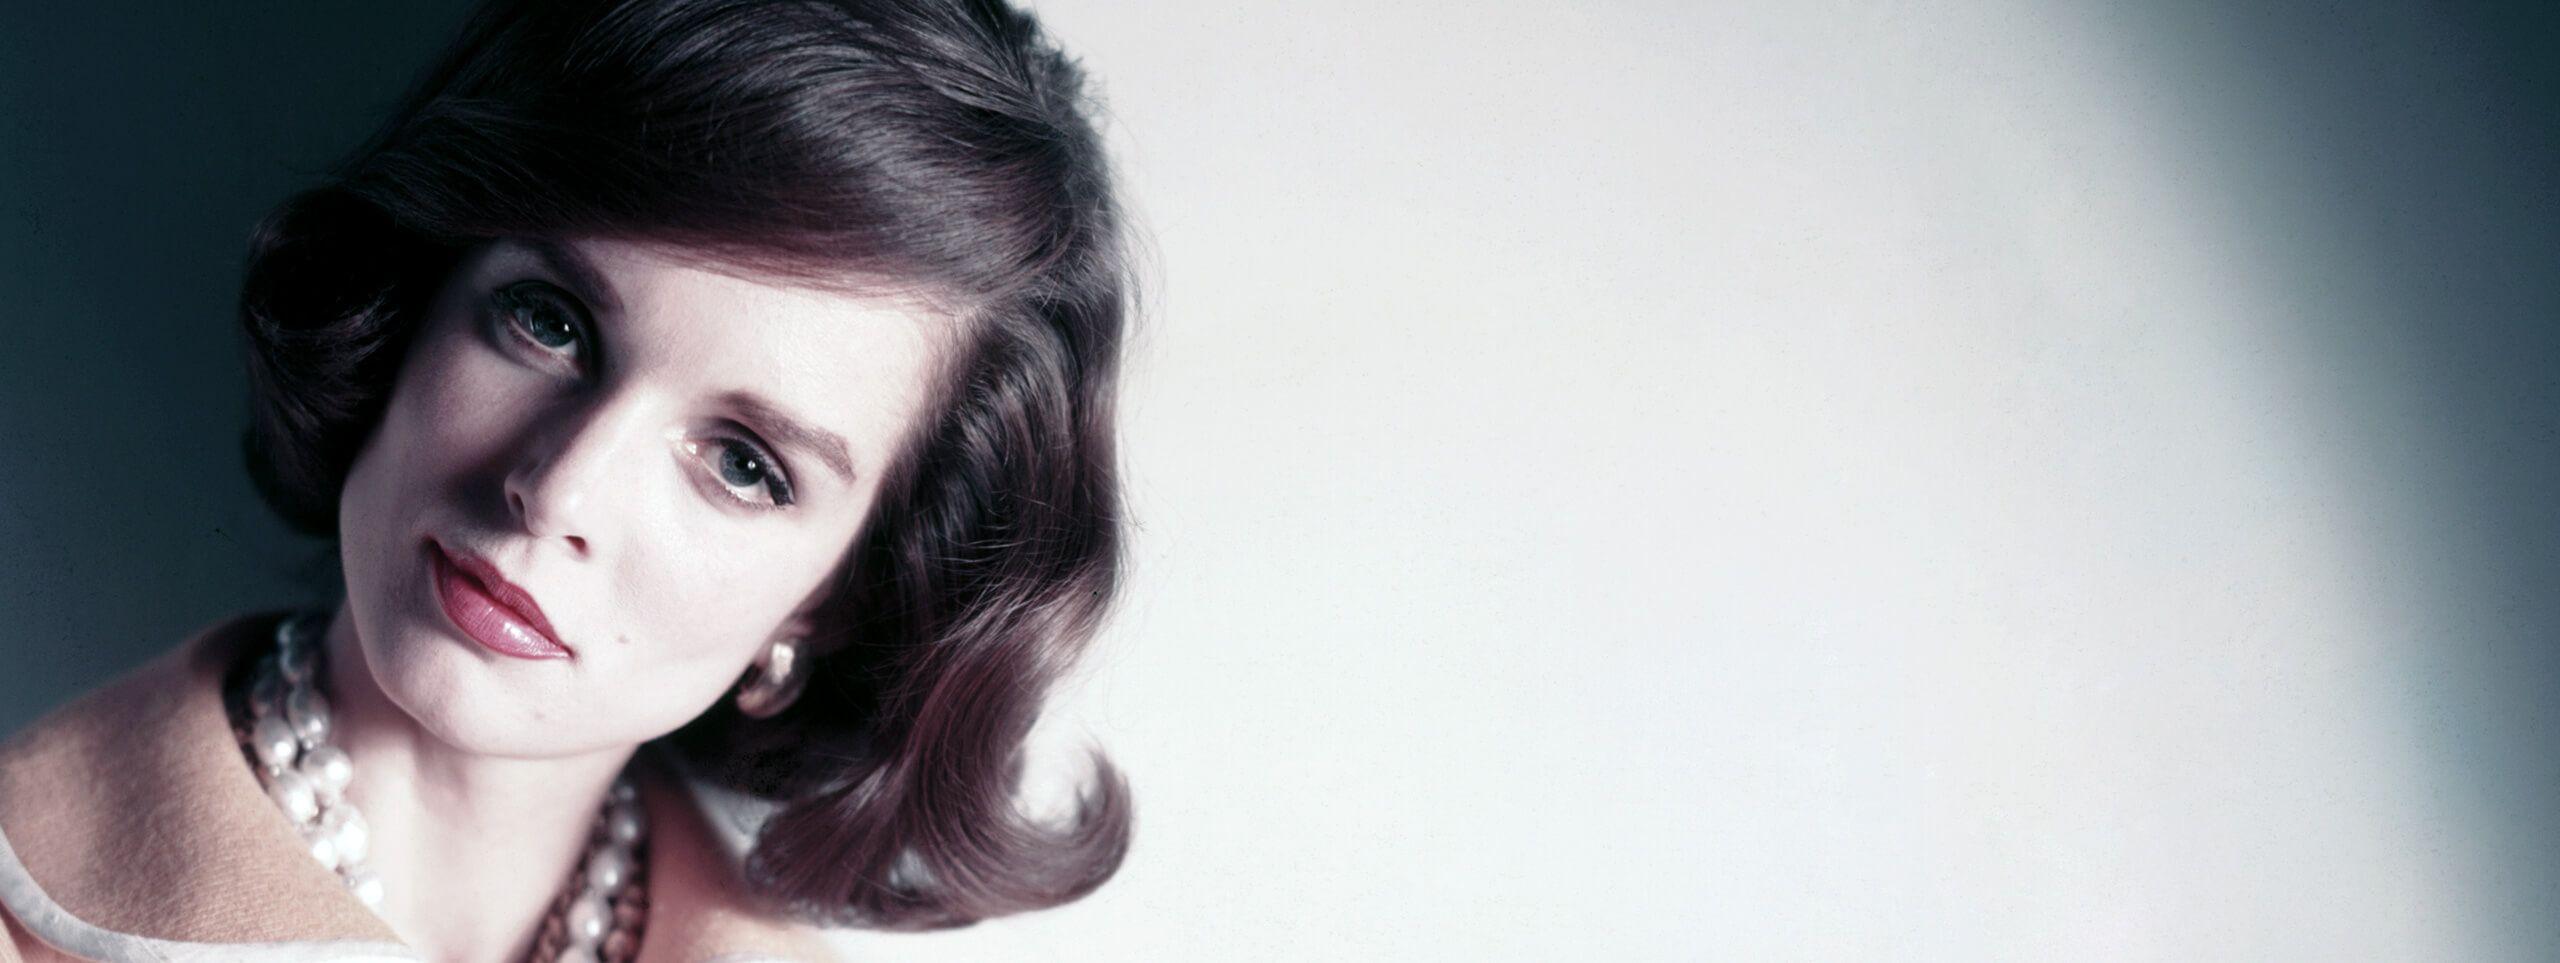 Прическа в стиле 60-х годов